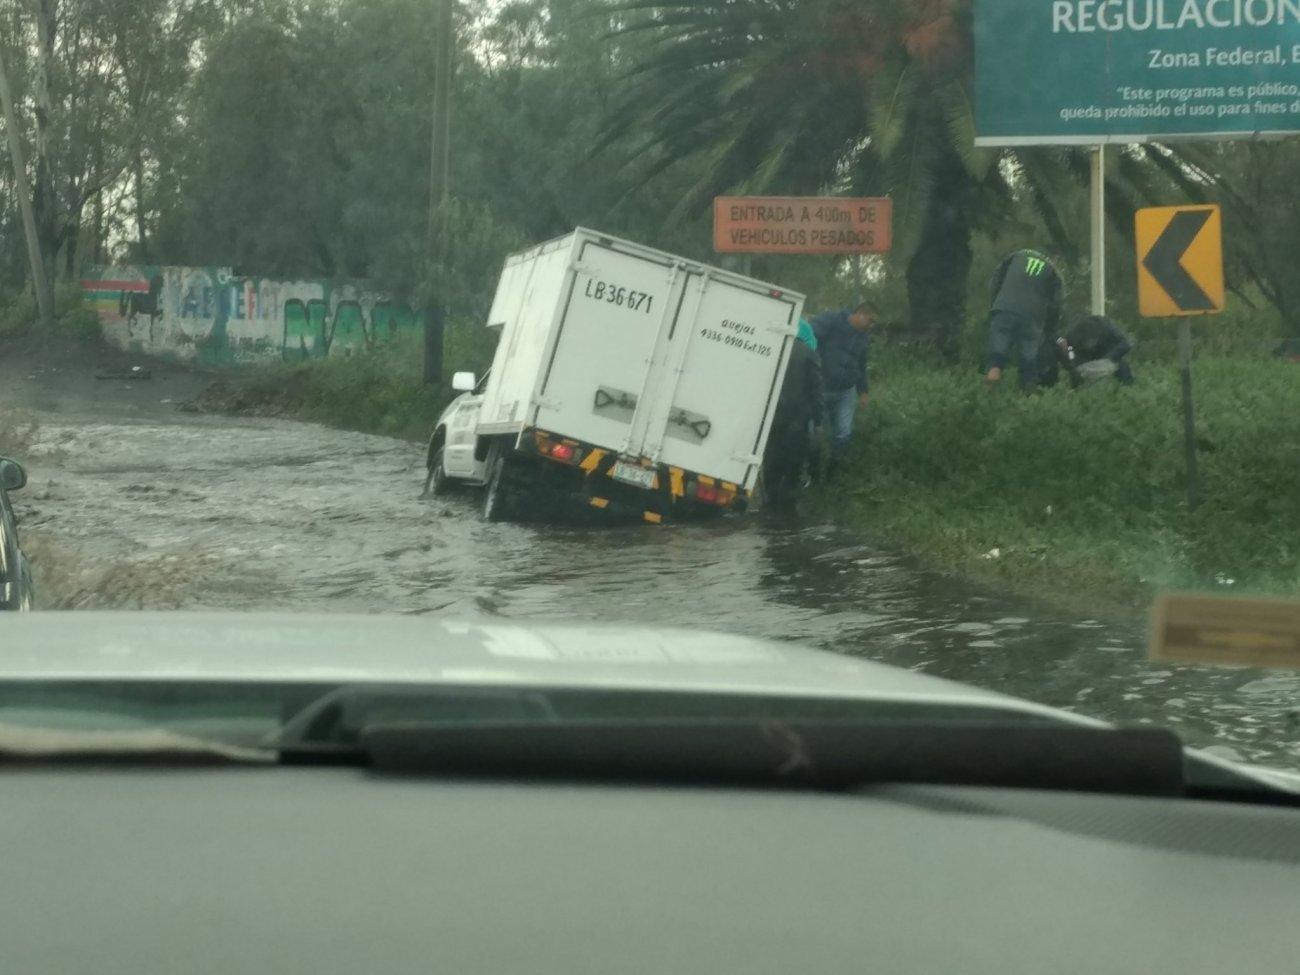 Inundación en Periférico Oriente a la altura de Bordo de @mad1